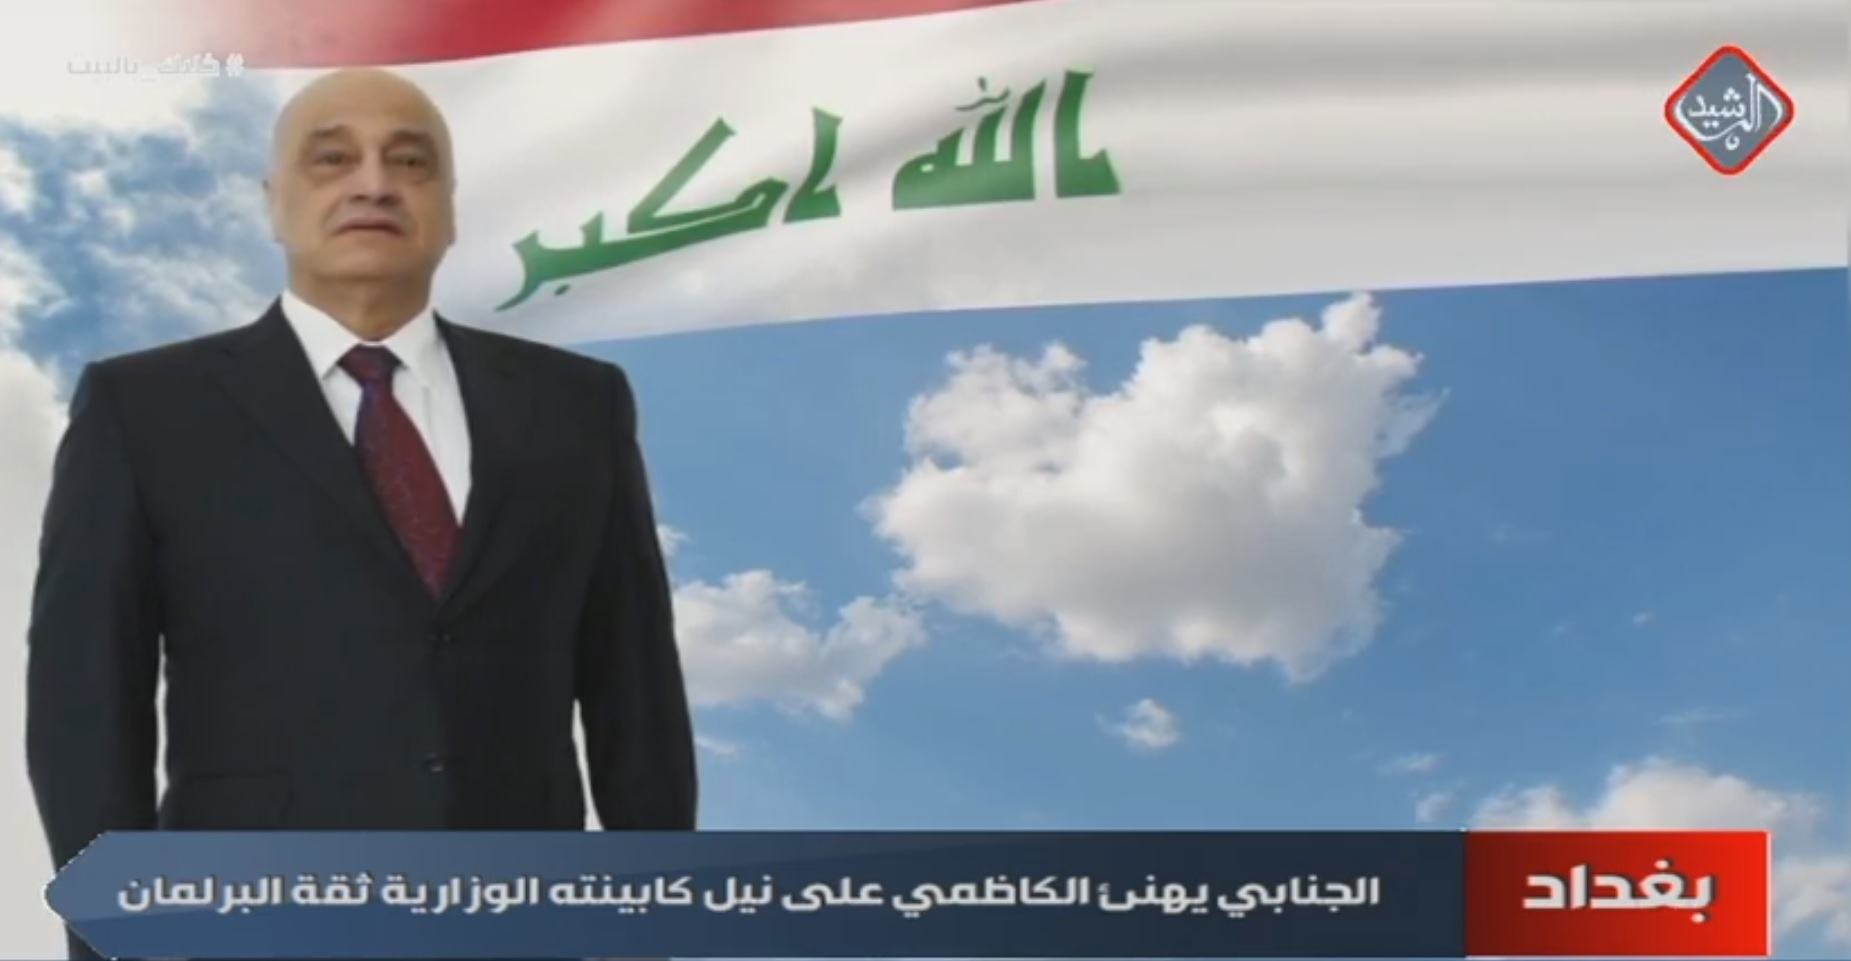 الاستاذ سعد عاصم الجنابي يهنئ الكاظمي على نيل كابينته الوزارية ثقة البرلمان